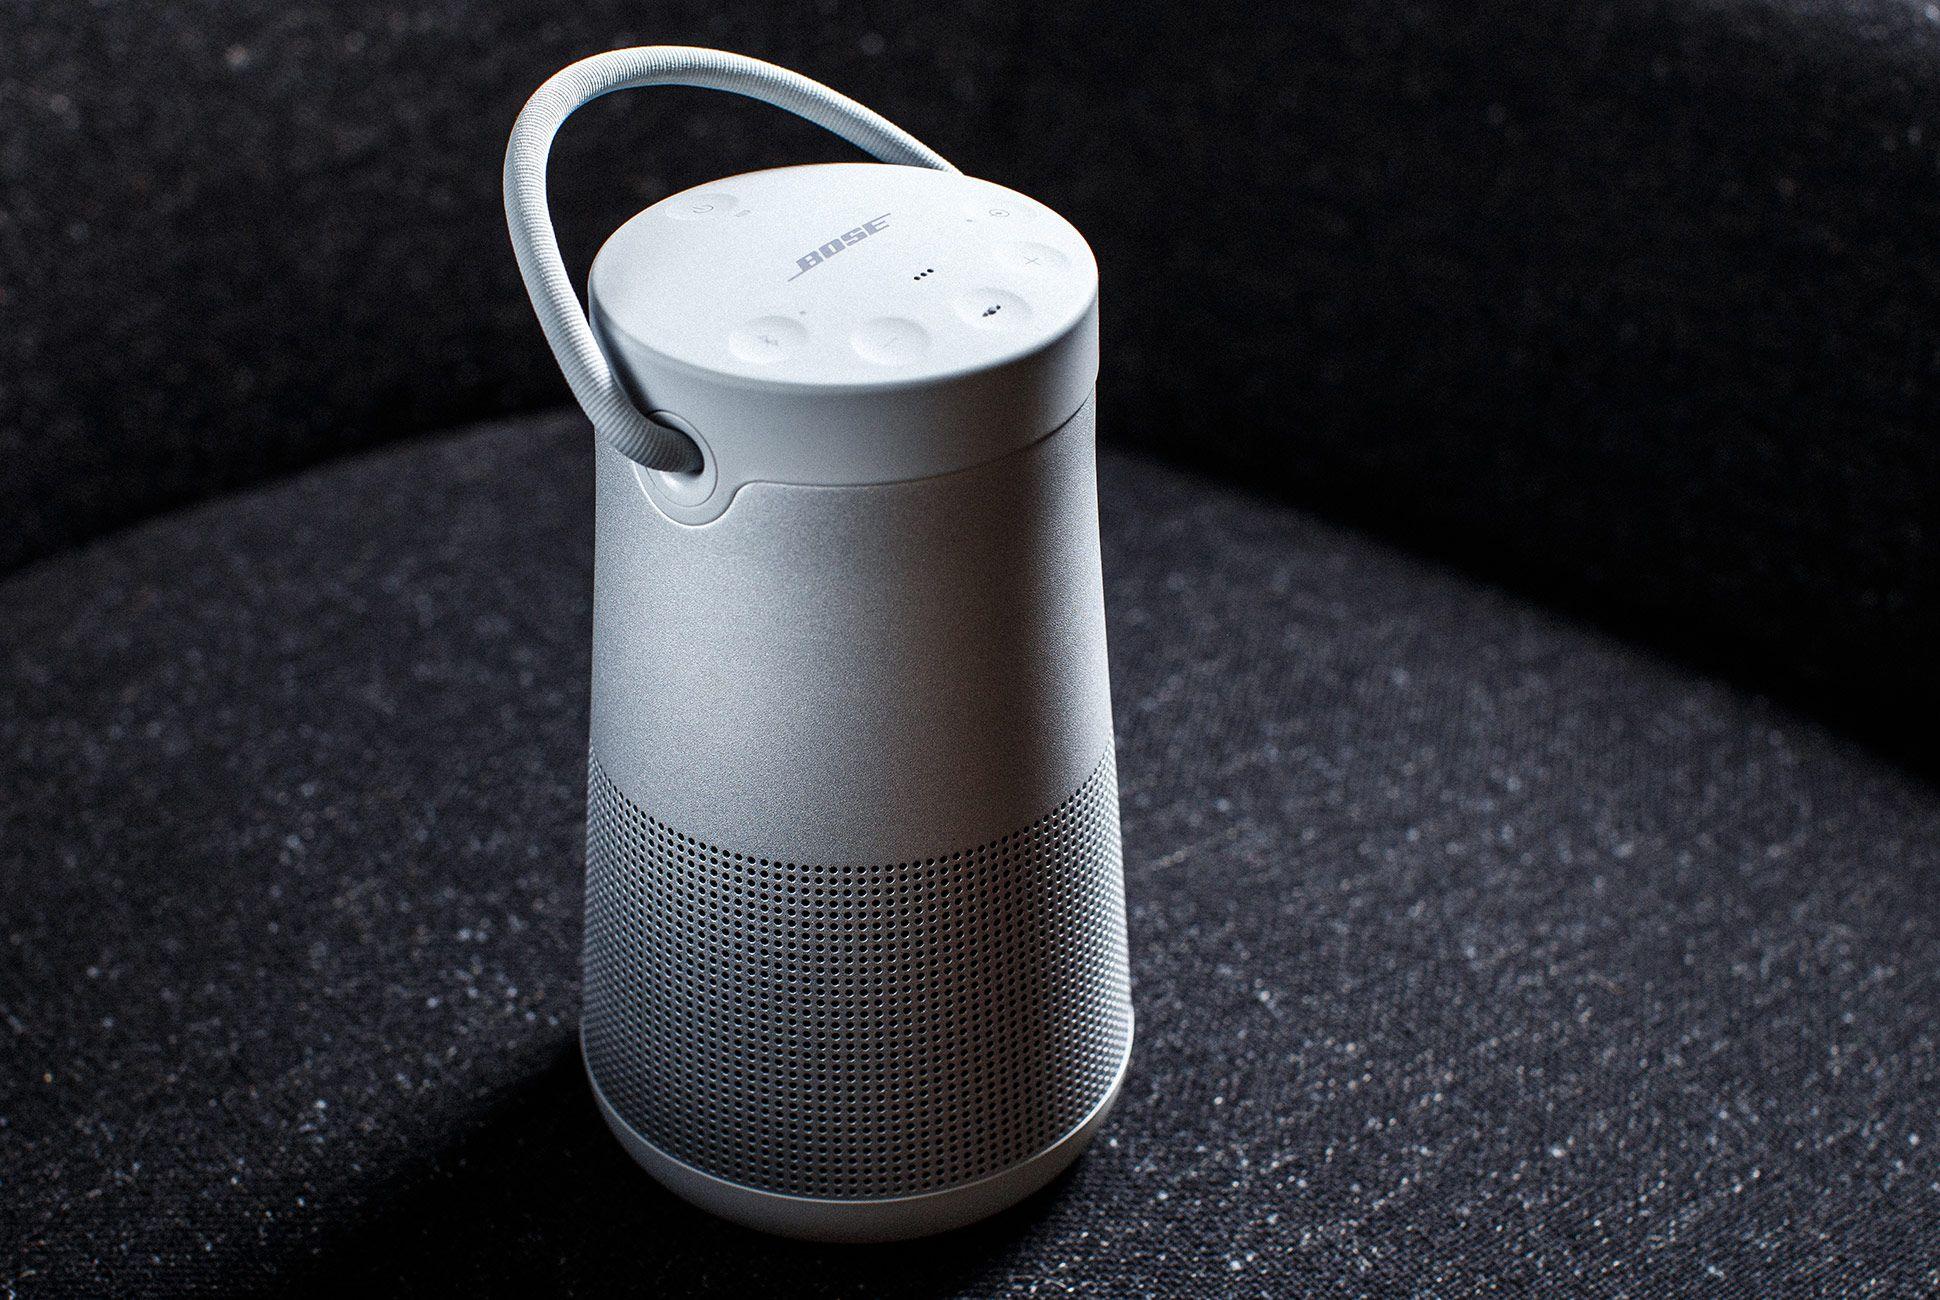 Bose-SoundLink-Revolve-Review-gear-patrol-slide-1-v3